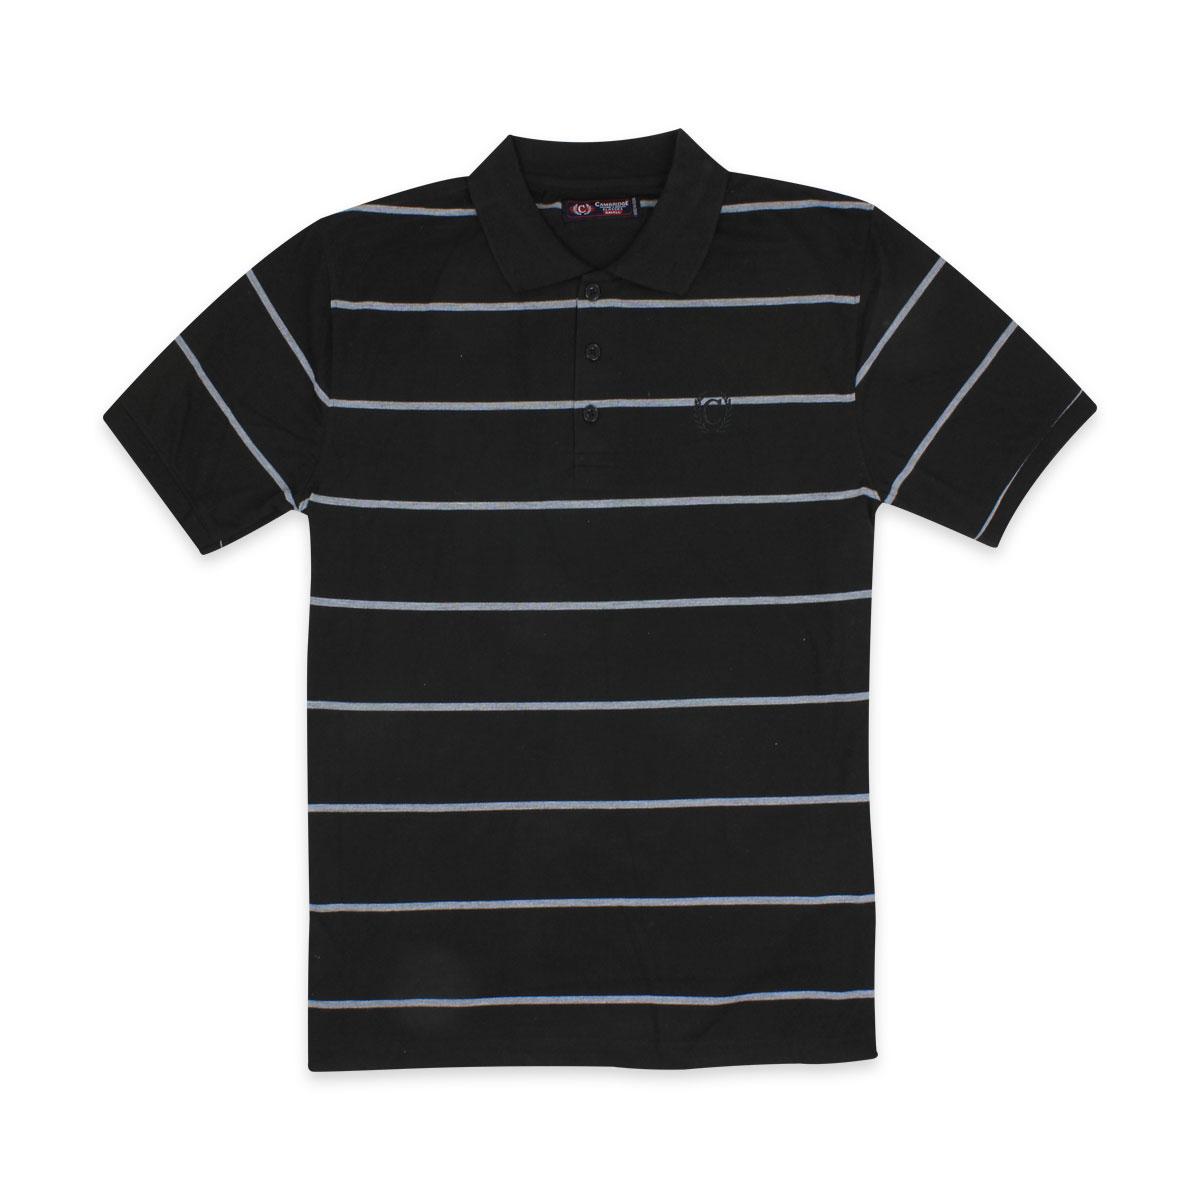 Camisas-Polo-Para-Hombre-A-Rayas-Pique-Con-Cuello-camiseta-Camiseta-Manga-Corta-De-Verano-S-M-L-XL miniatura 37